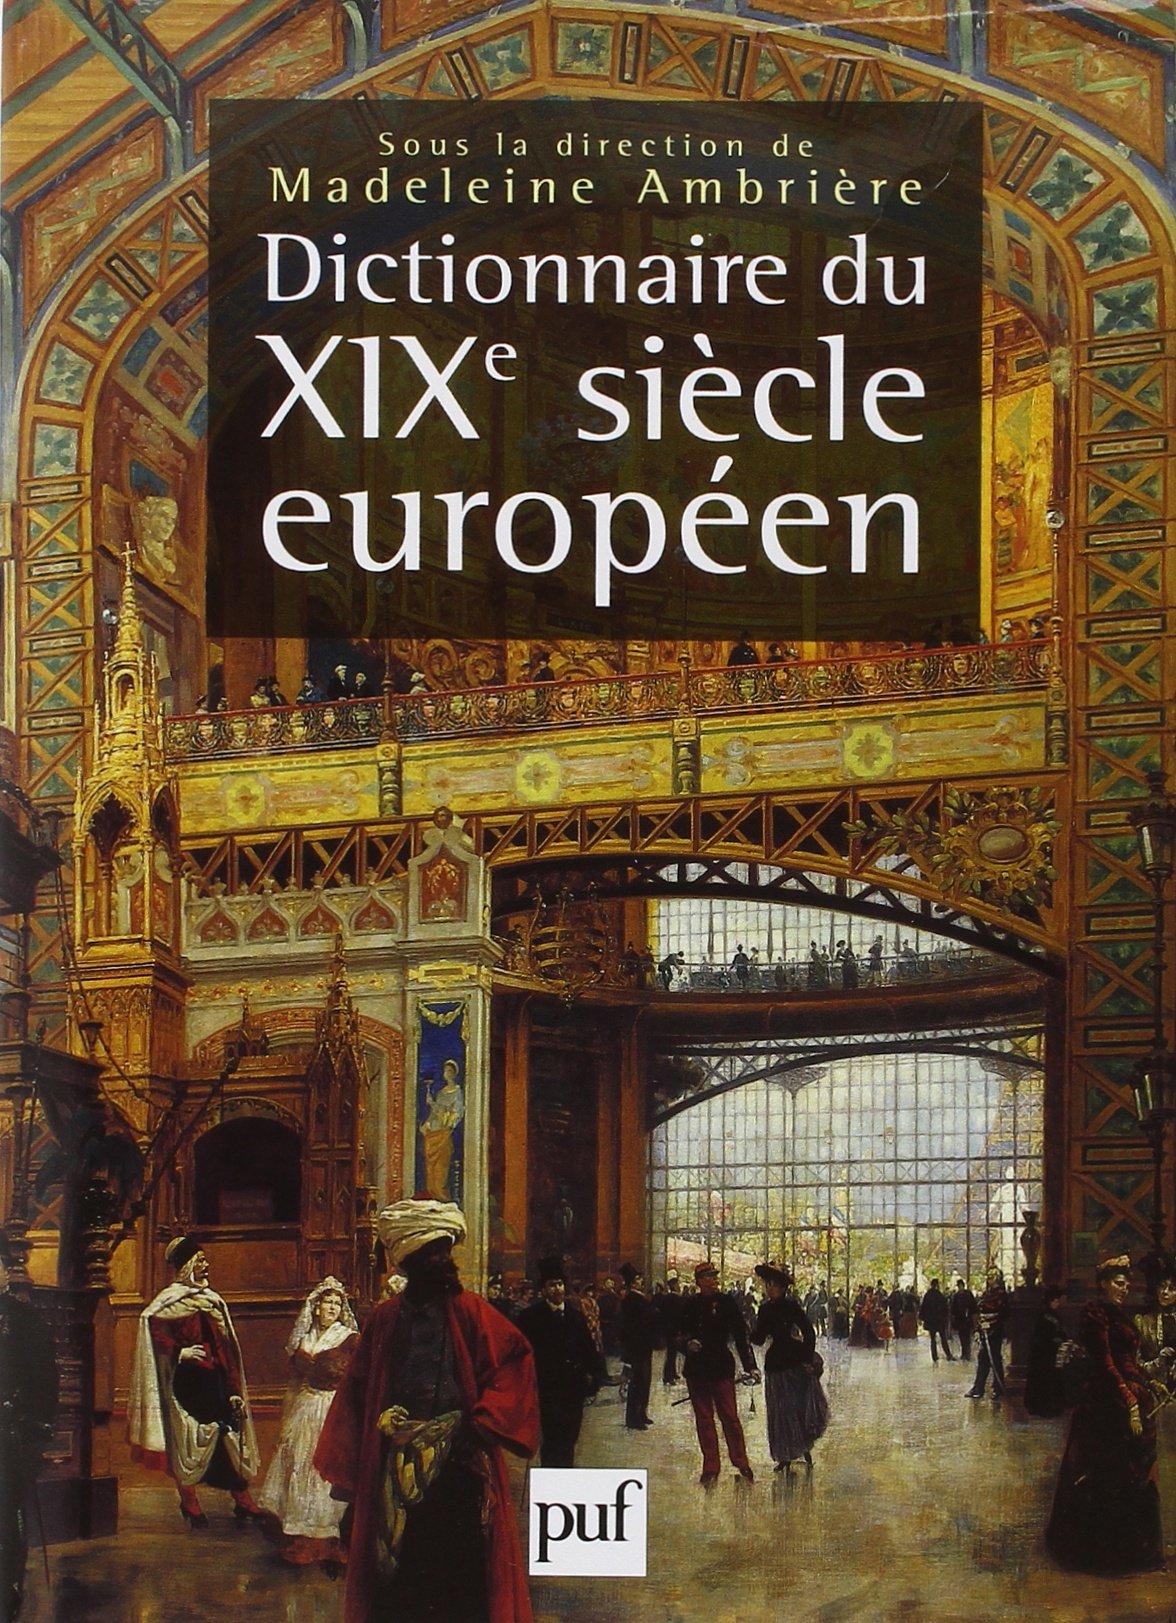 Dictionnaire du XIXe siècle européen 1800-1900 Relié – 1 octobre 1997 Madeleine Ambrière 2130486517 749782130486510 Université - Histoire